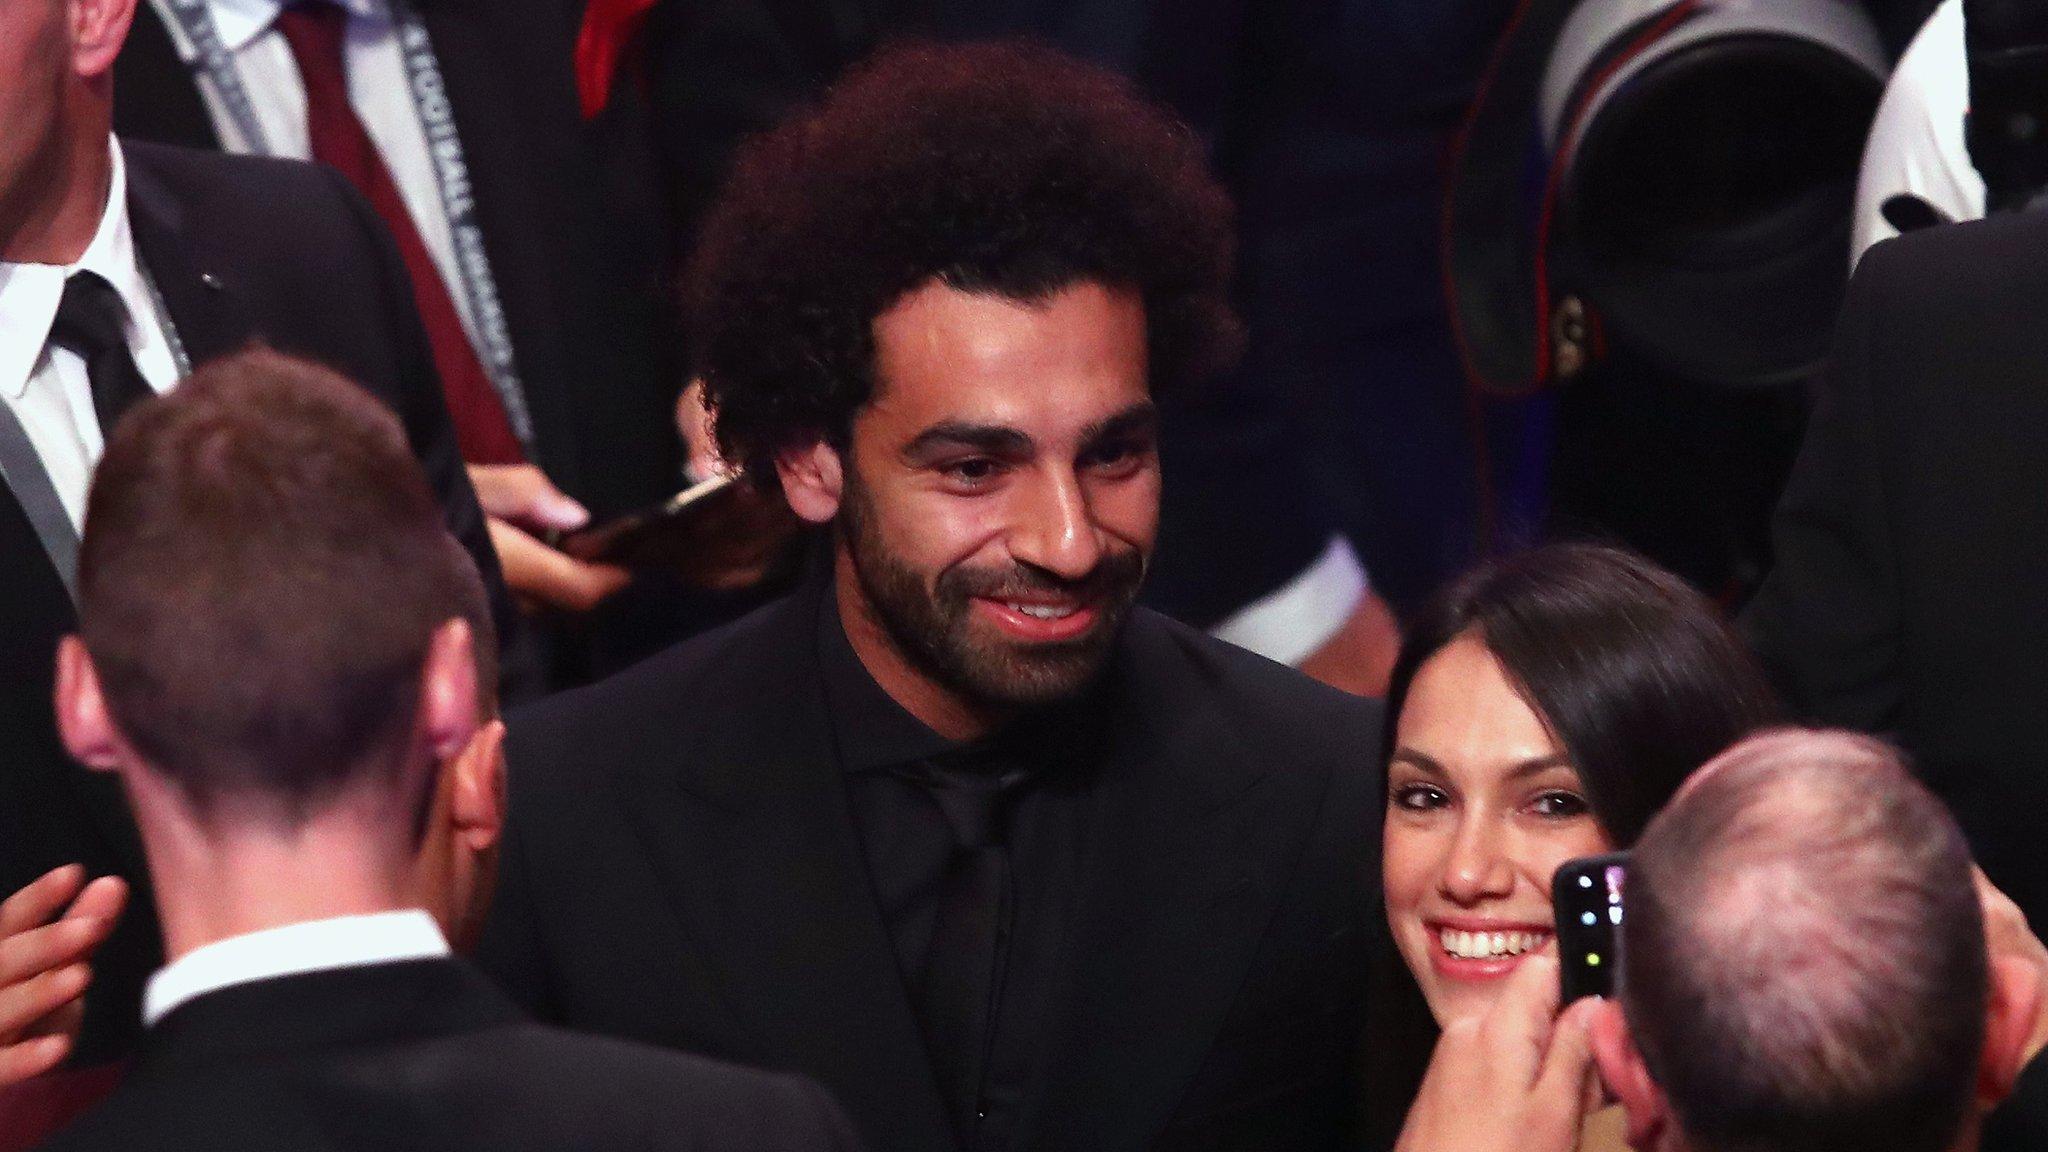 Salah - the superstar giving away thousands